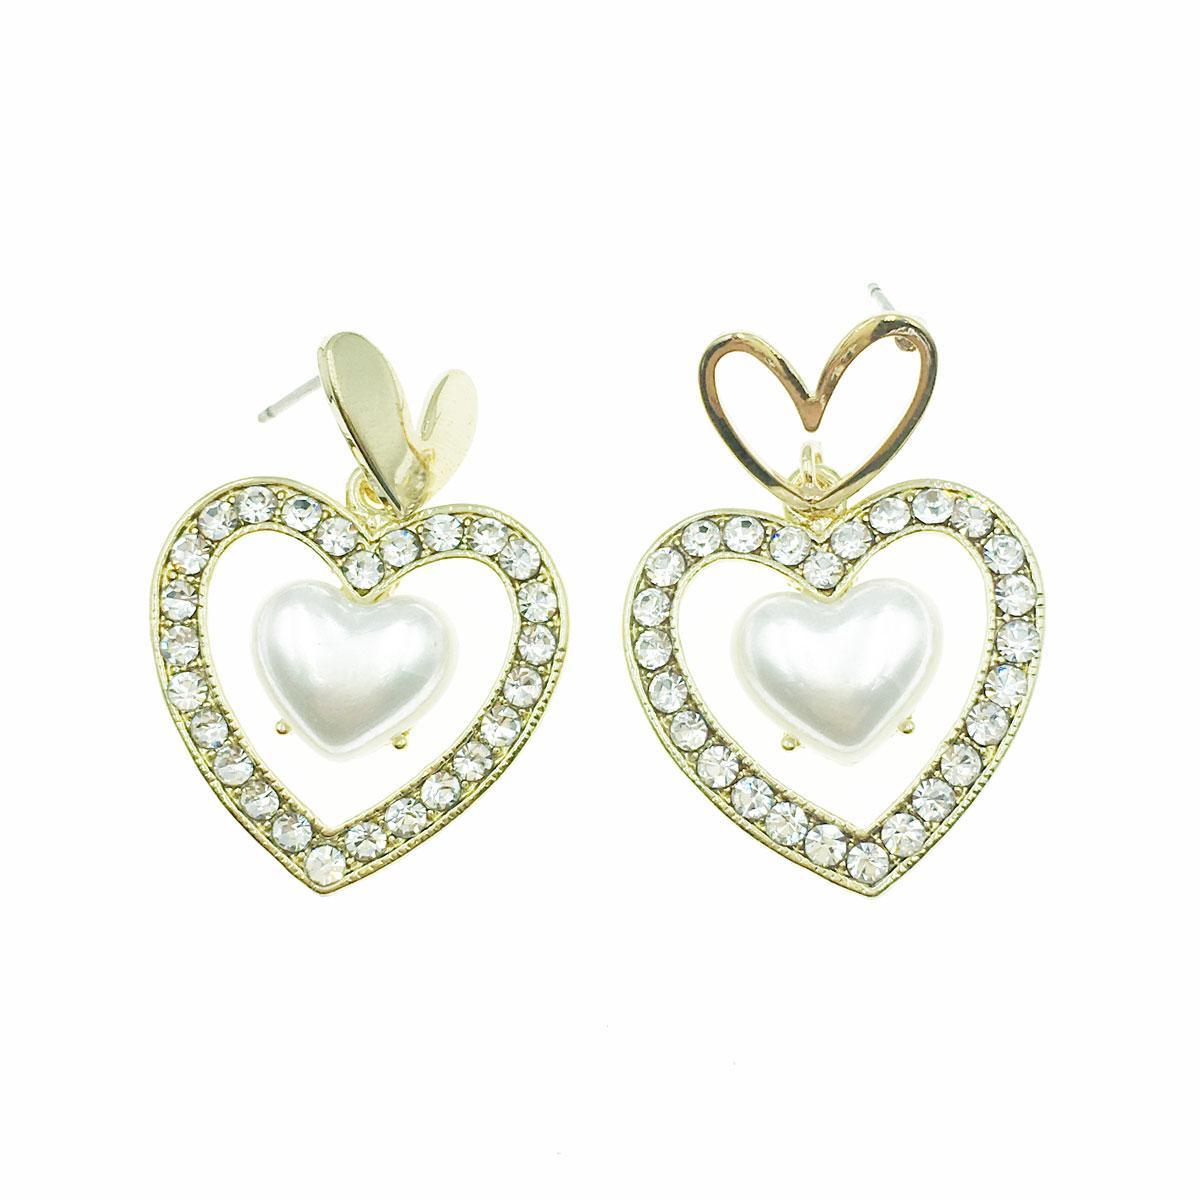 韓國 珍珠 水鑽 愛心 簍空 金邊 不對稱 垂墜感 耳針式 耳環